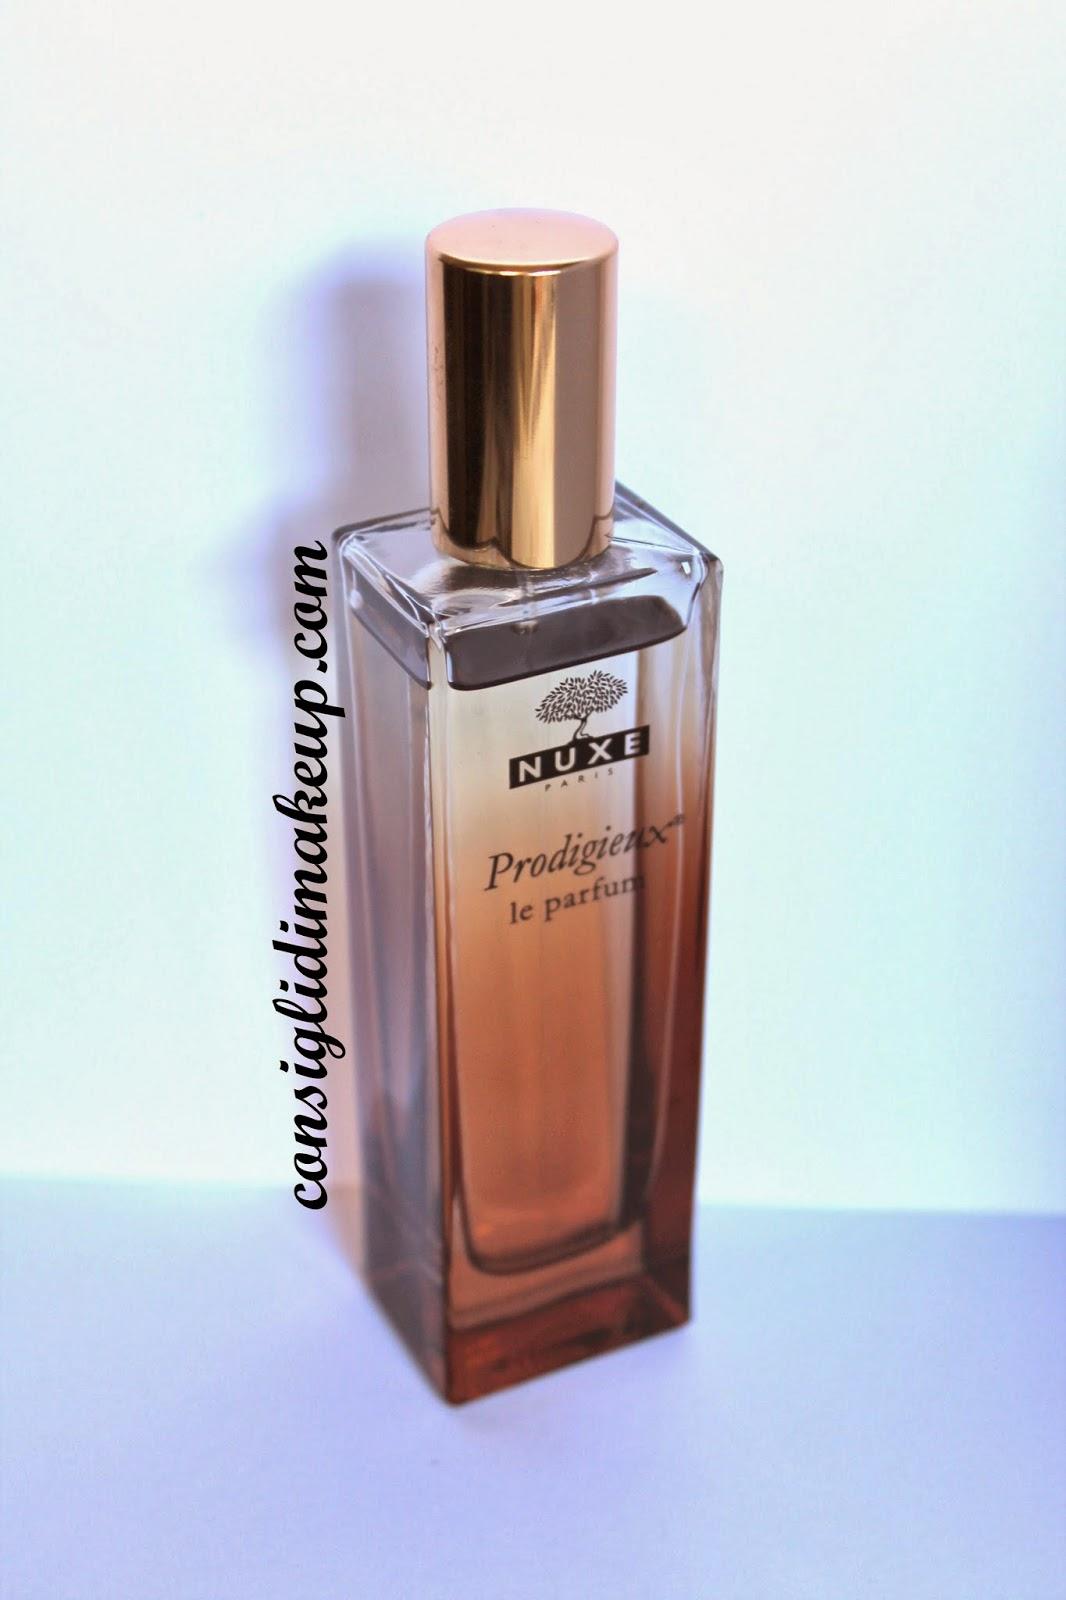 Review: Prodigieux le Parfum - Nuxe